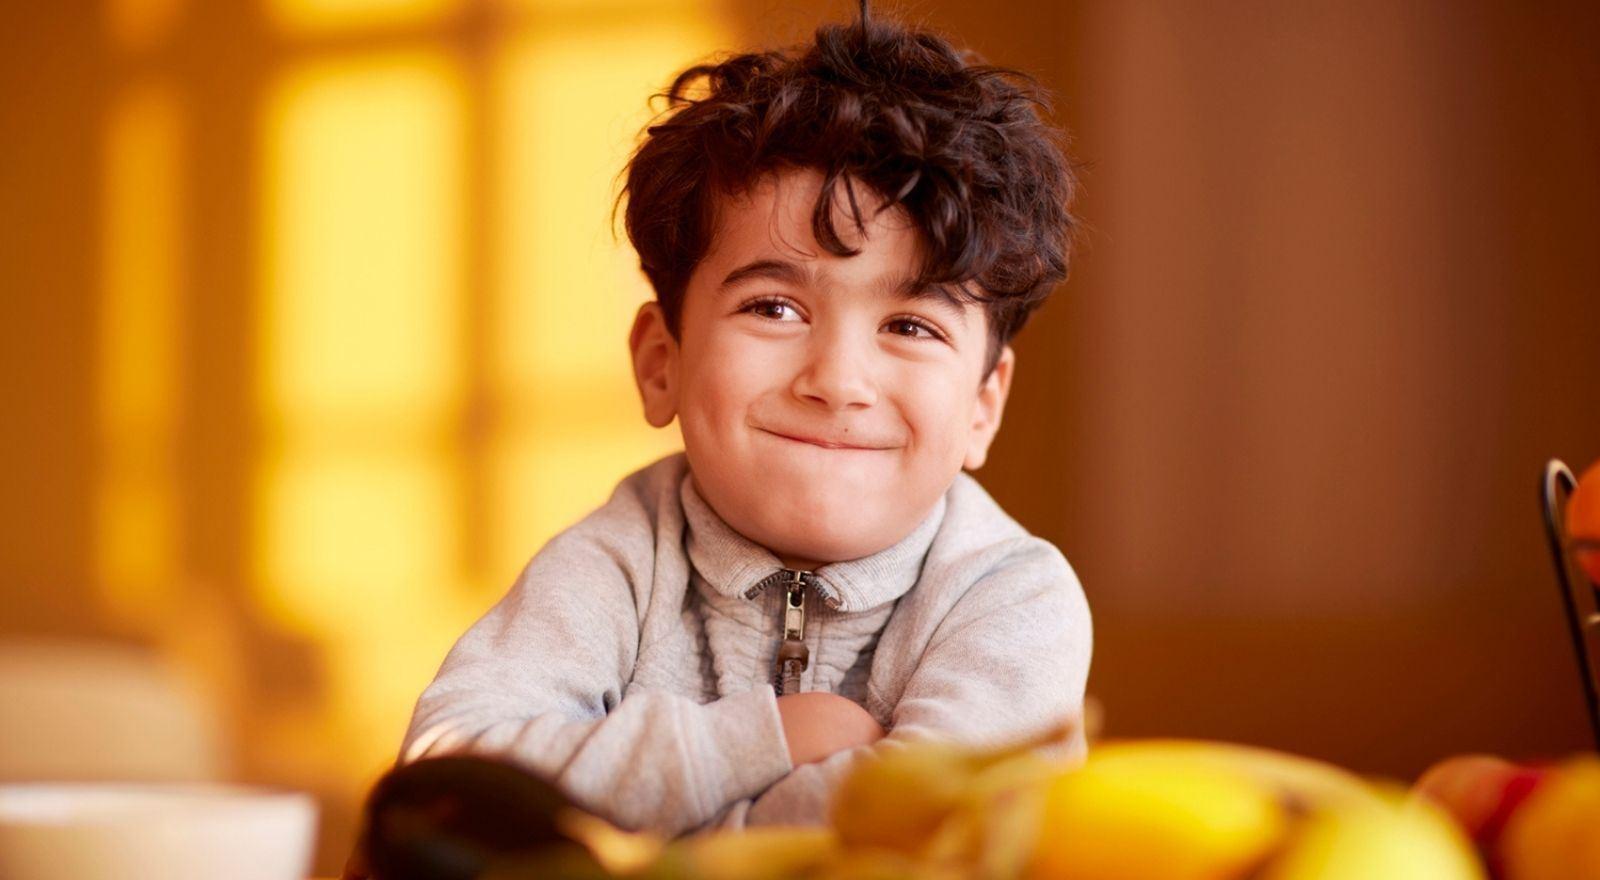 Klein jongetje kijkt met zelfvertrouwen door de opleiding zelfvertrouwen voor kinderen